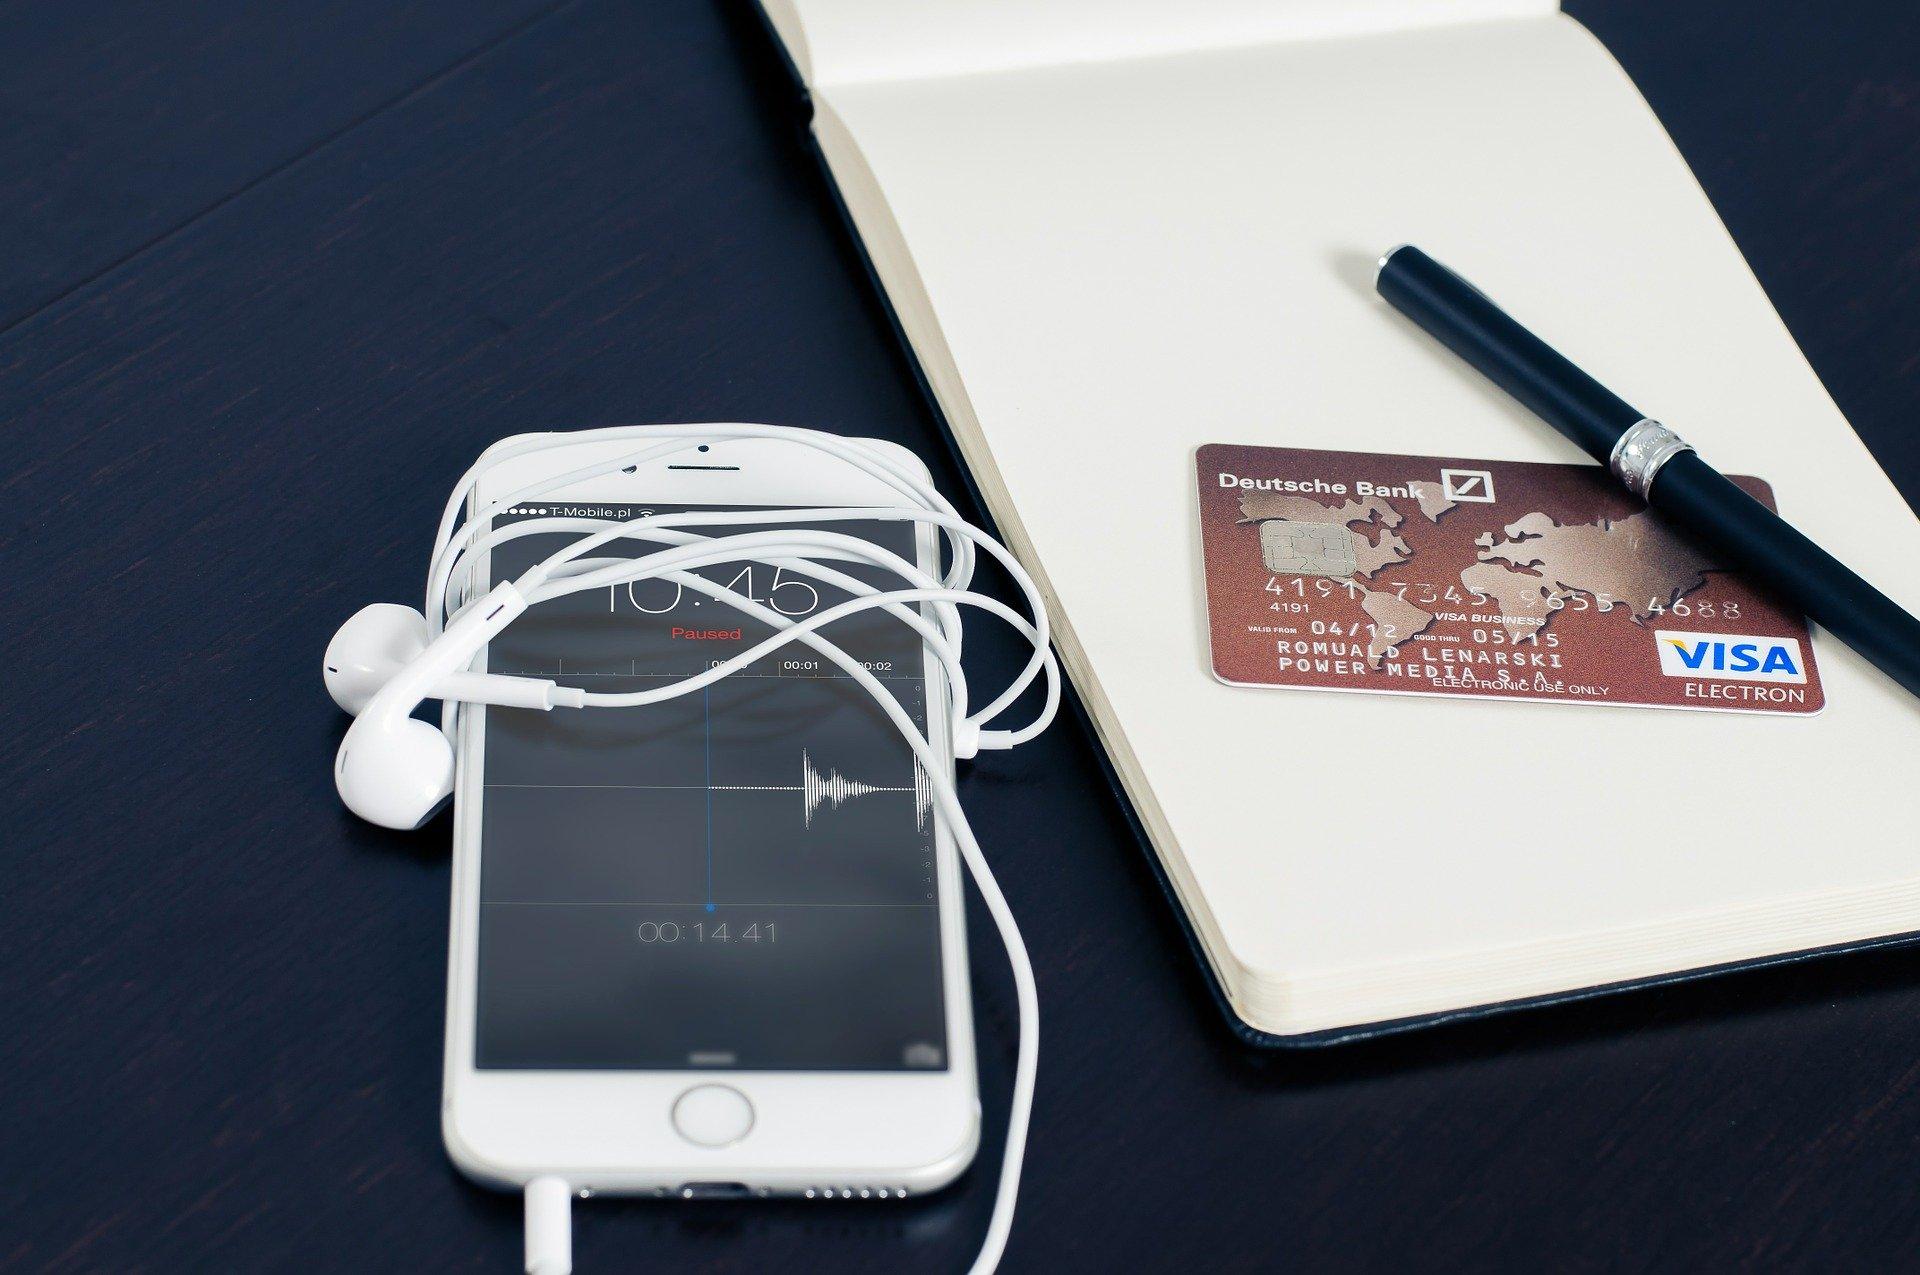 Obrázek: Německu i EU vadí Apple Pay. Jablko se brání v bitvě o NFC, vyhrát ale nemůže